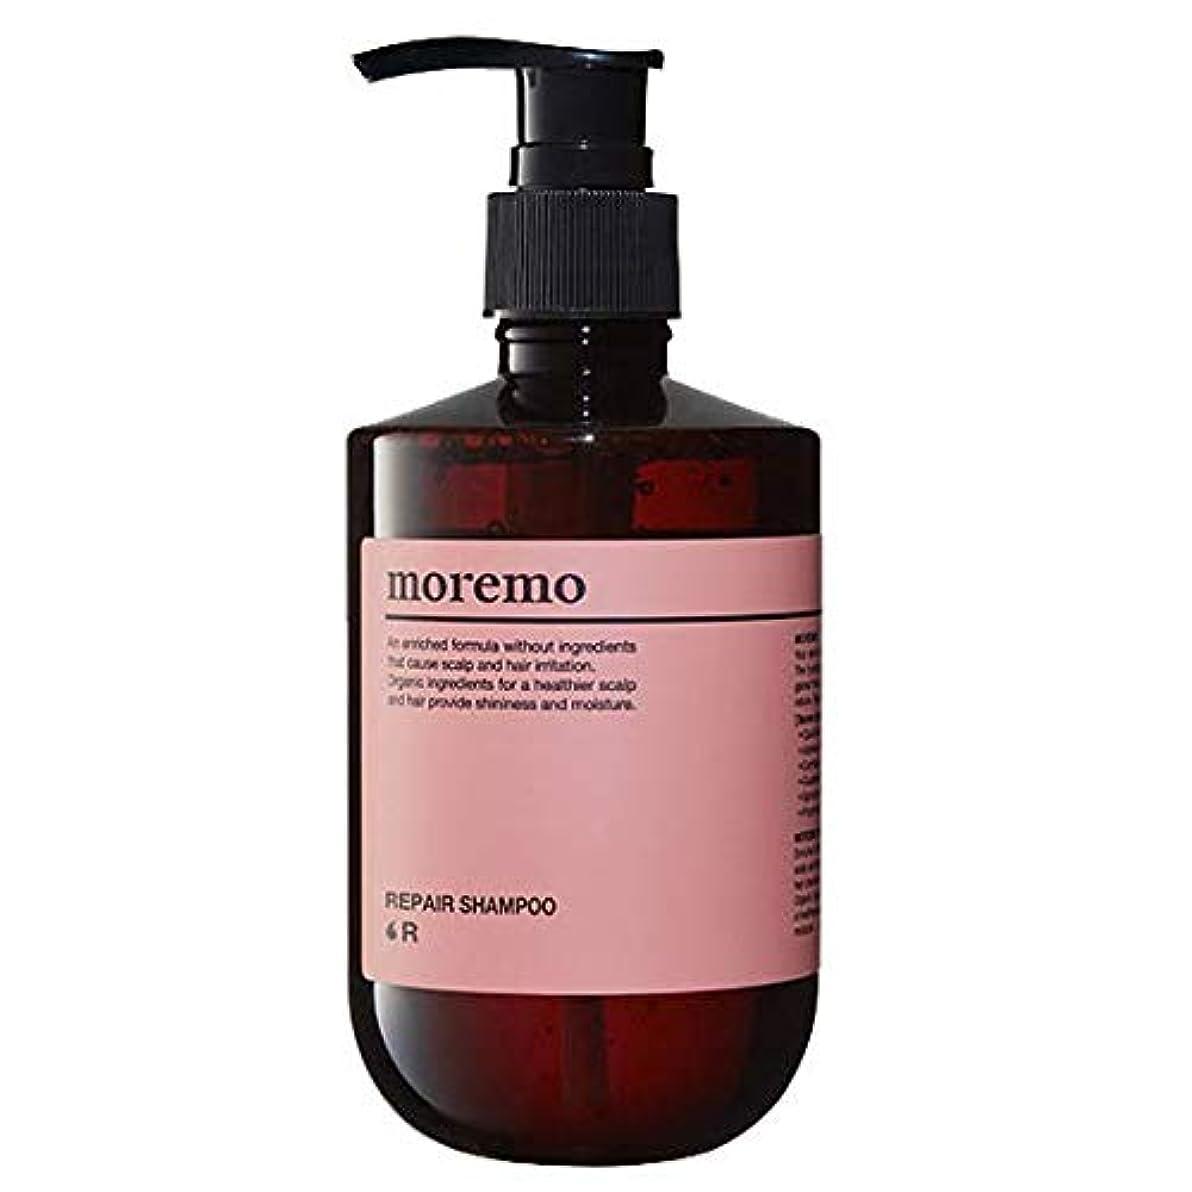 ヒューズまさに収縮Moremo Repair Shampoo モレモ リペア シャンプー R 300ml [並行輸入品]